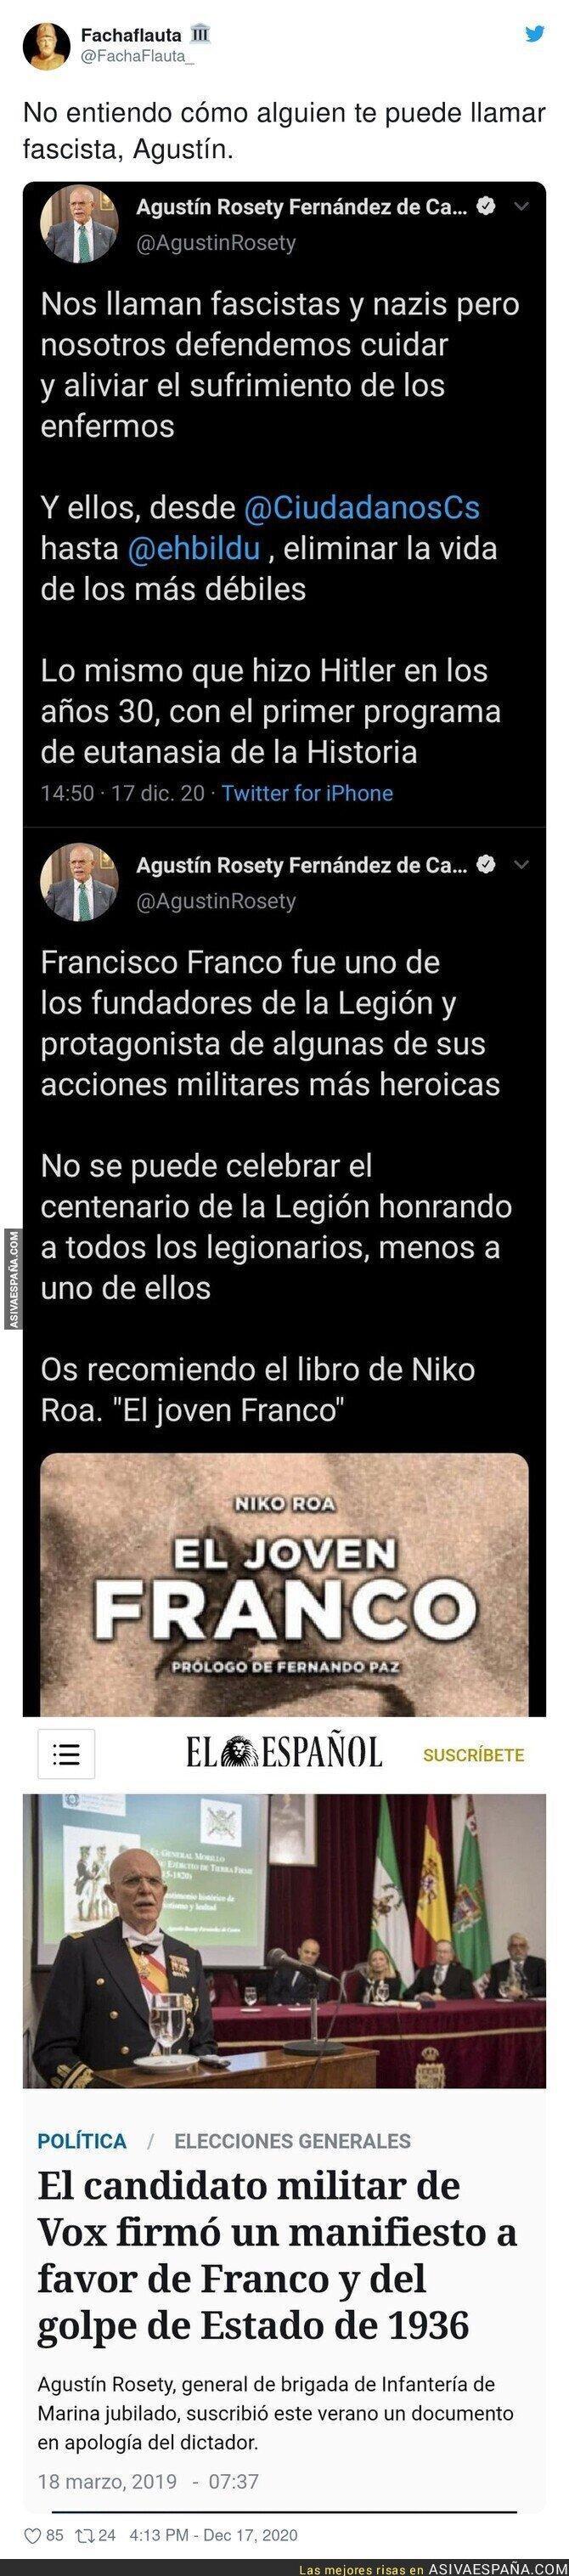 509810 - ¿Pero cómo pueden faltarle a este buen hombre que está a favor de Franco?